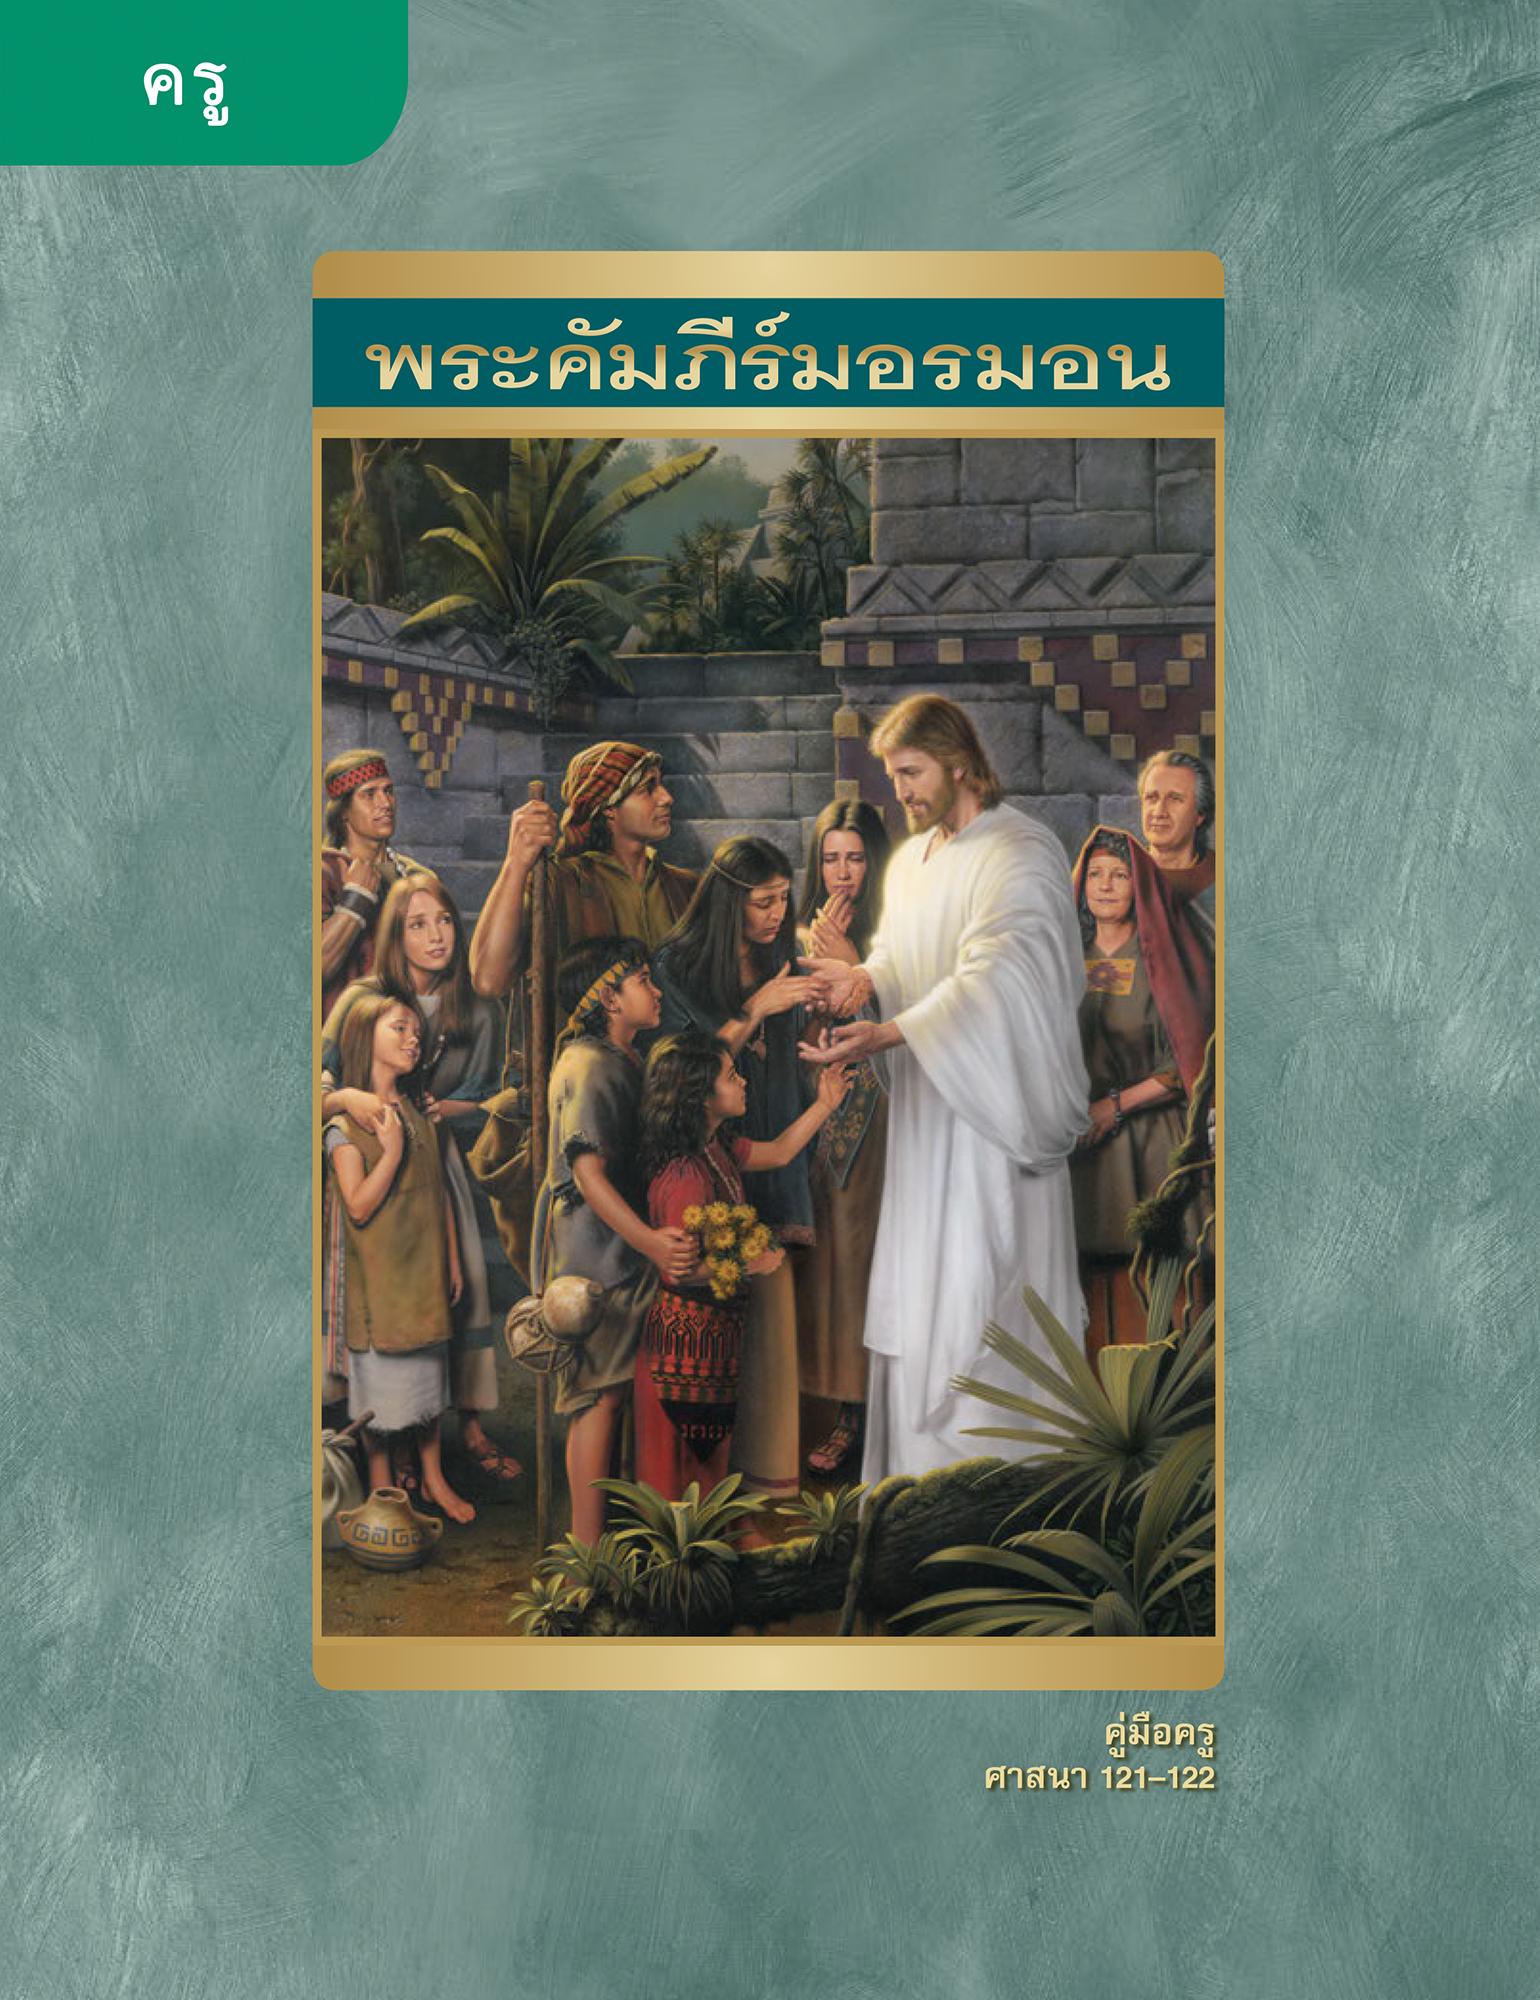 พระคัมภีร์มอรมอน คู่มือครู (ศาสนา 121–122)